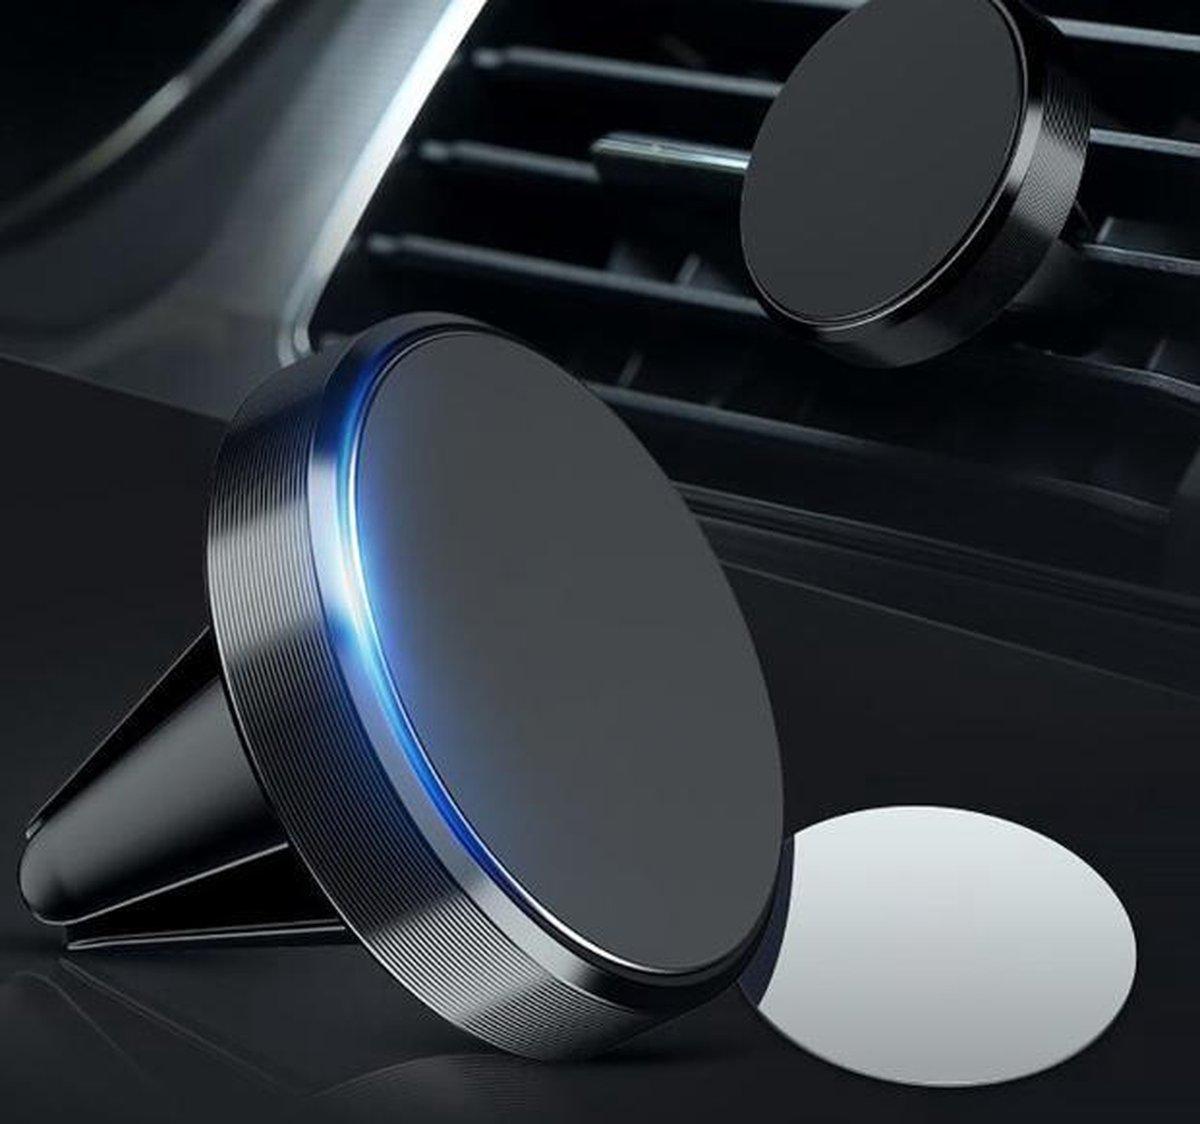 Universele Magneet Telefoon Houder - voor in de auto - Ventilatierooster - Navigatie - Zwart